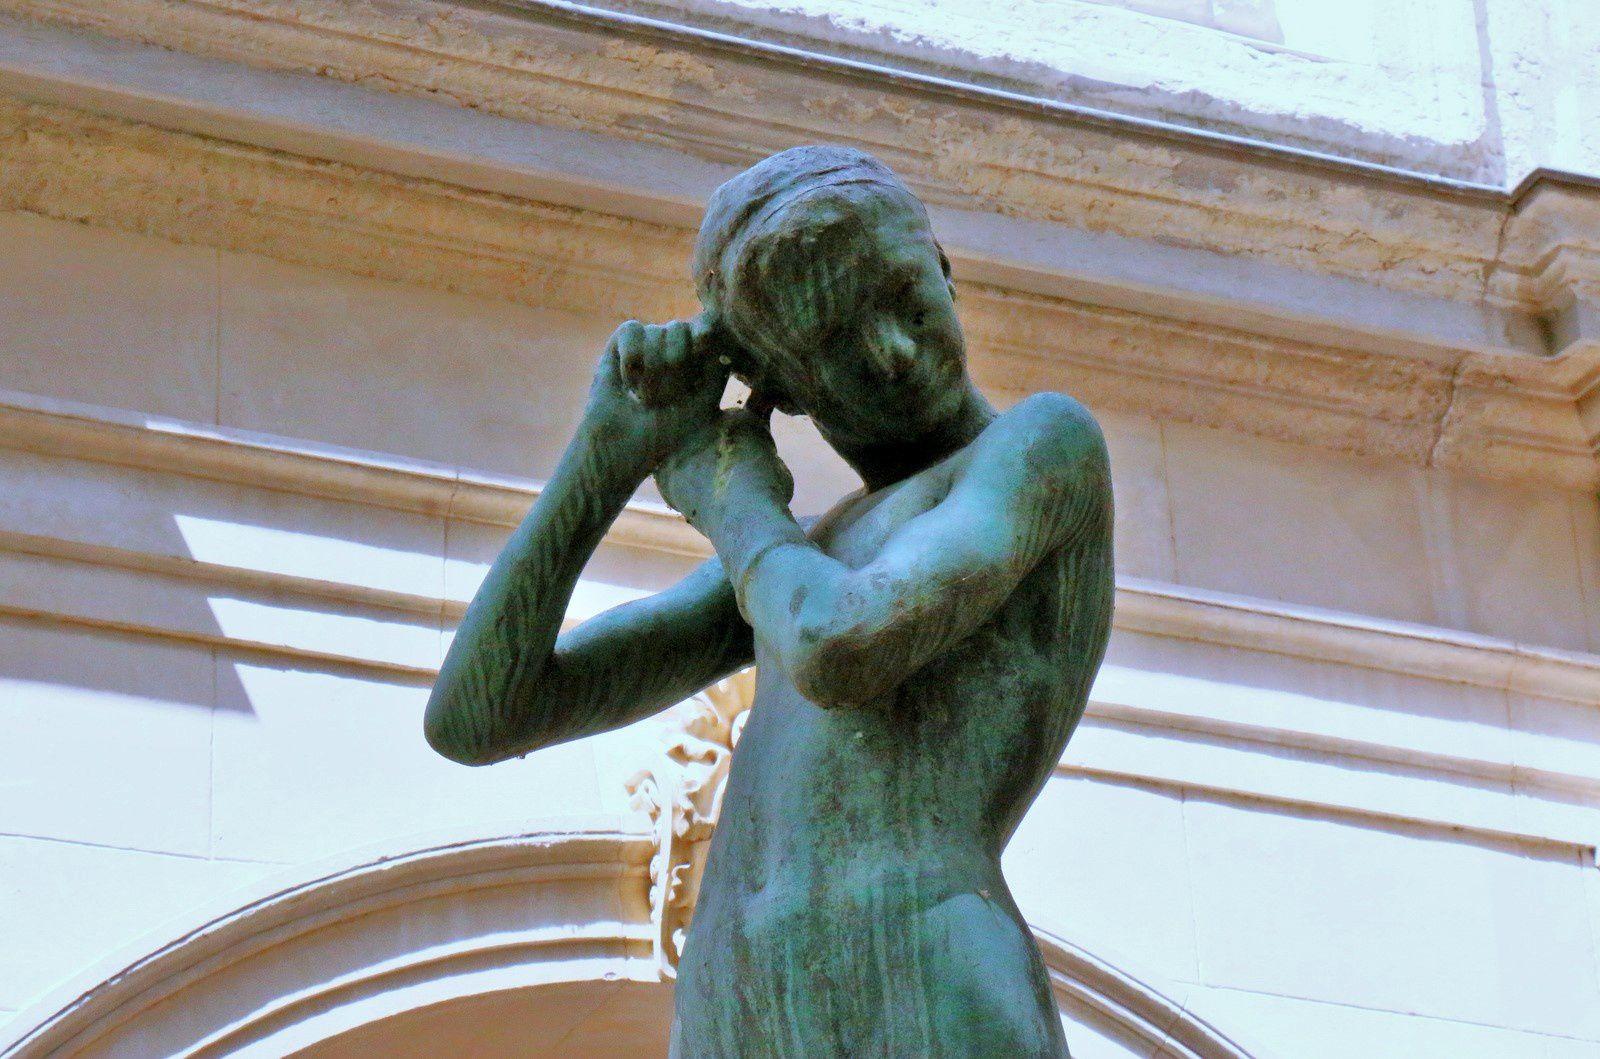 Jeune athlète, bronze de Jean-Baptiste Larrivé, musée des beaux-arts de Lyon